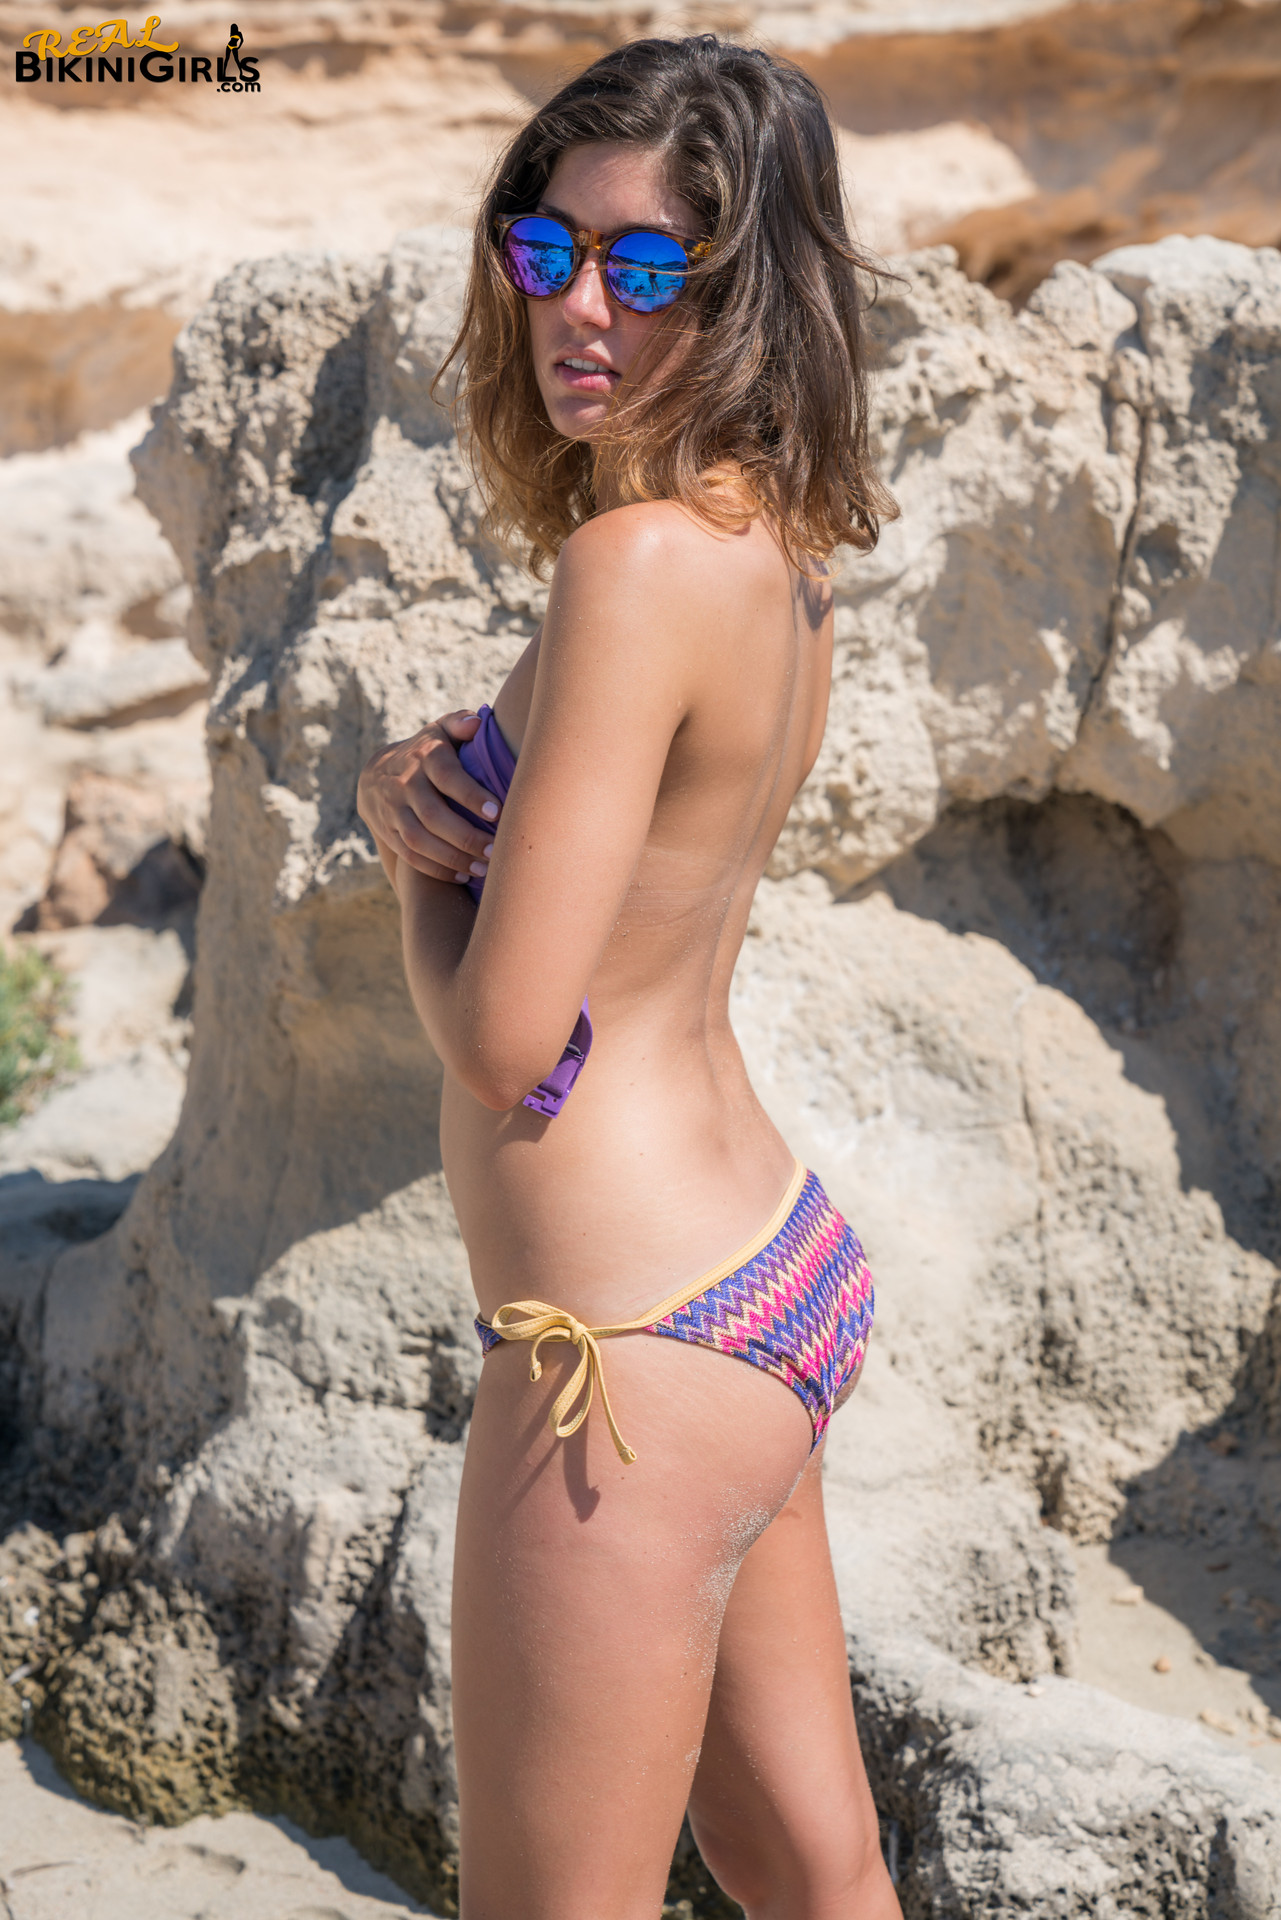 Purple Top Bikini - Real Bikini Girls-2967